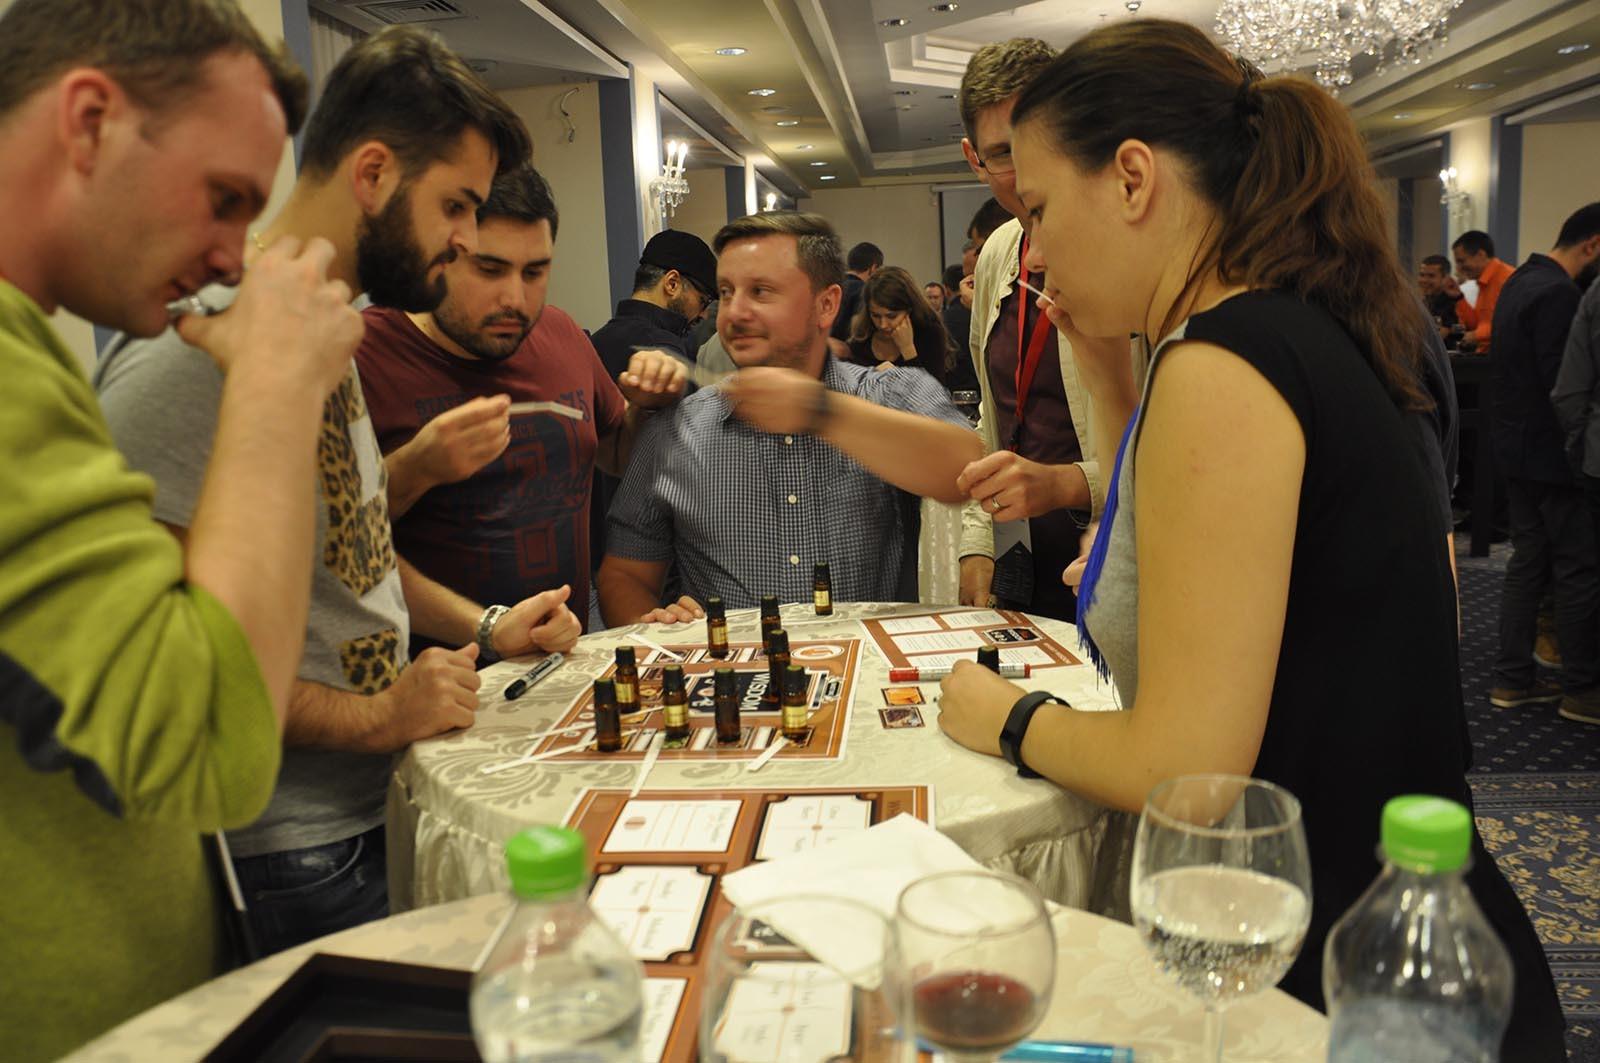 Interakce mezi teamy posouva jejich schopnost sdelovani informaci v programu Whisky Wisdom